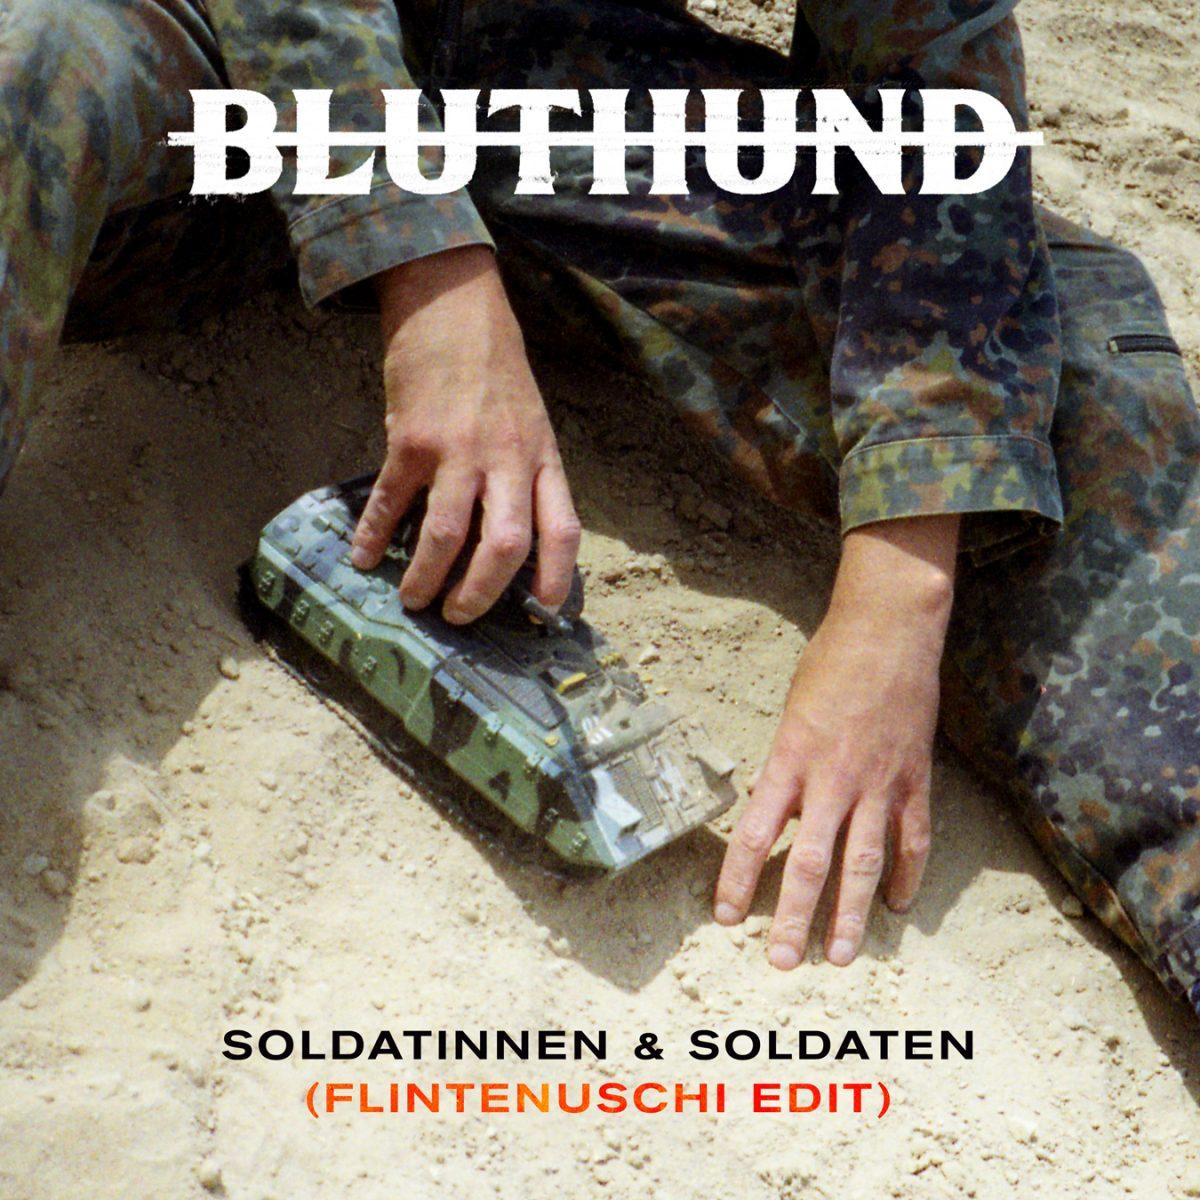 bluthund-soldatinnen-soldaten-flintenuschi-edit-video-premiere